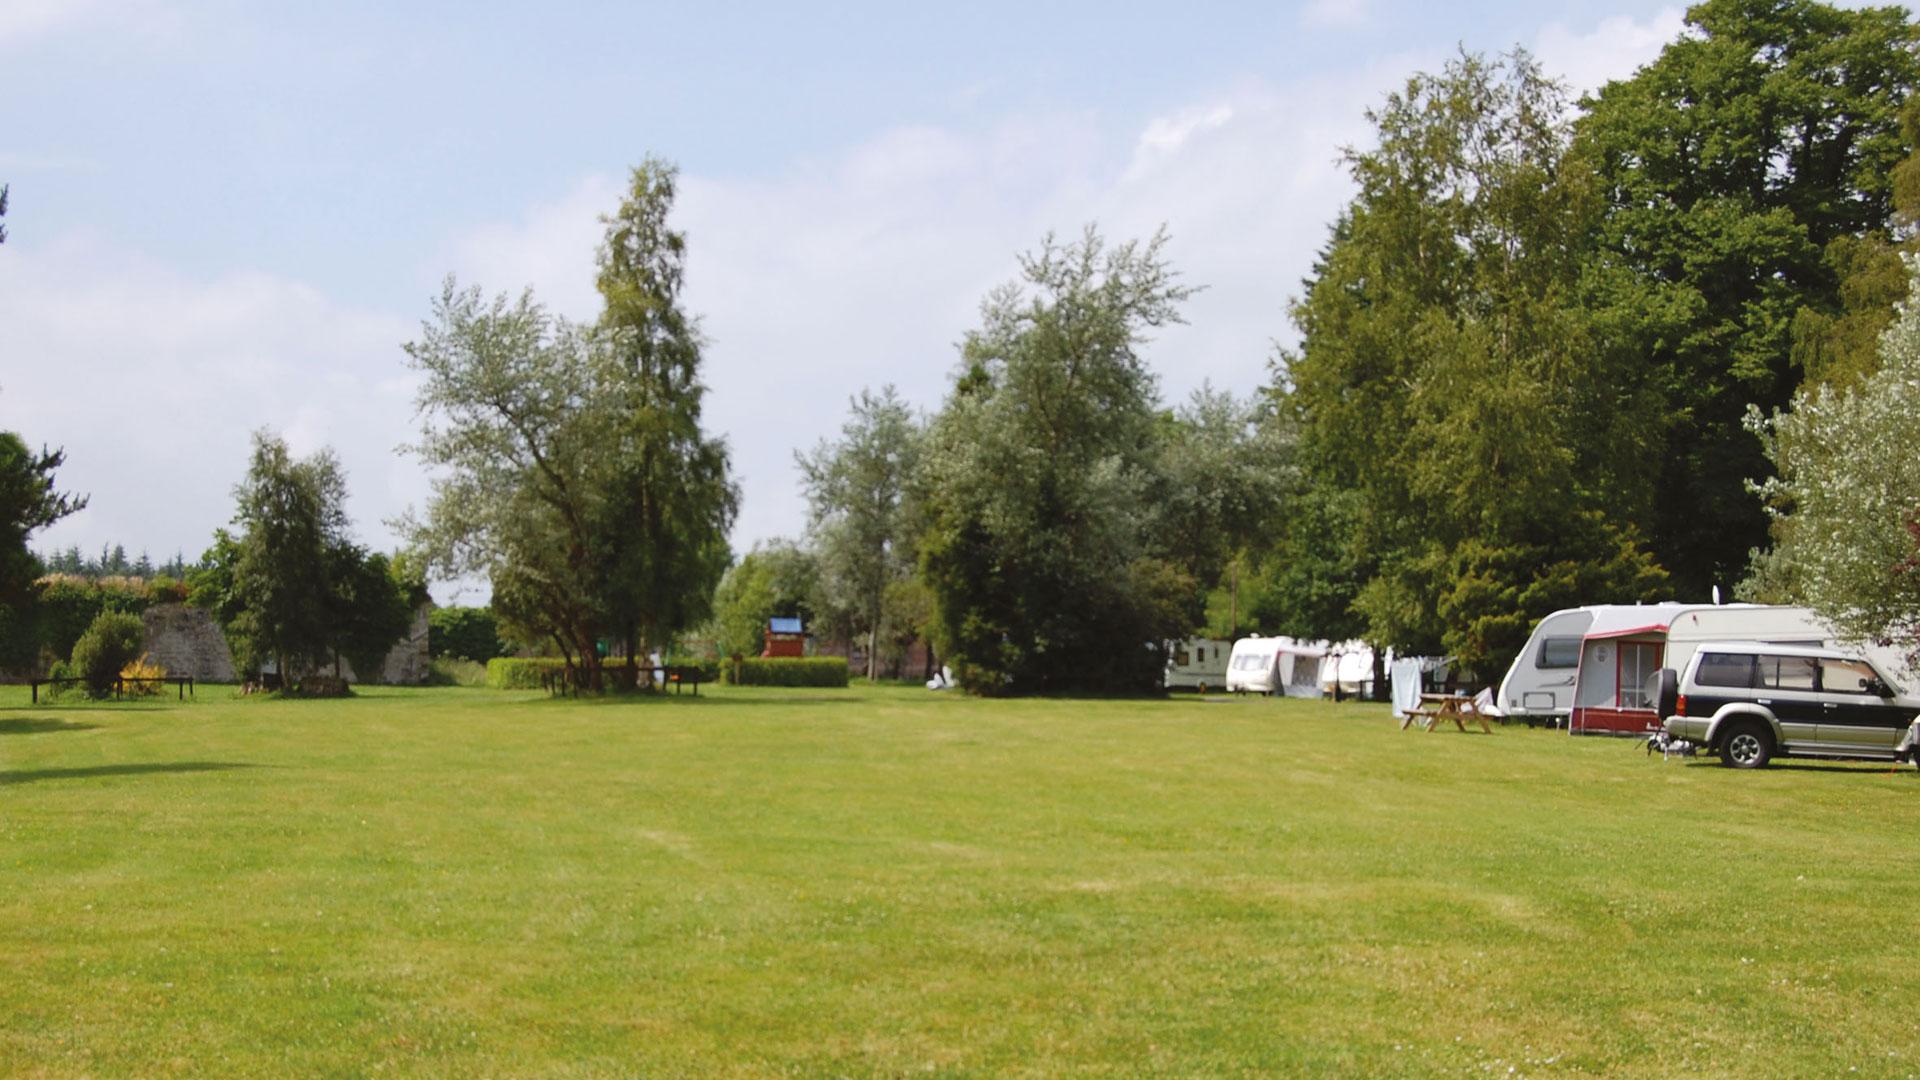 Book Motorhome Campsites & Campervan Sites in Cashel